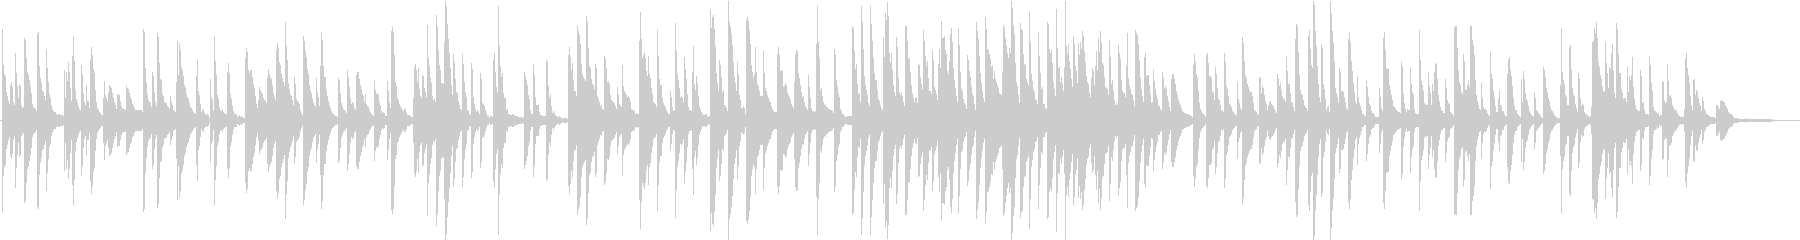 ノスタルジックな終焉 ピアノバラードの未再生の波形